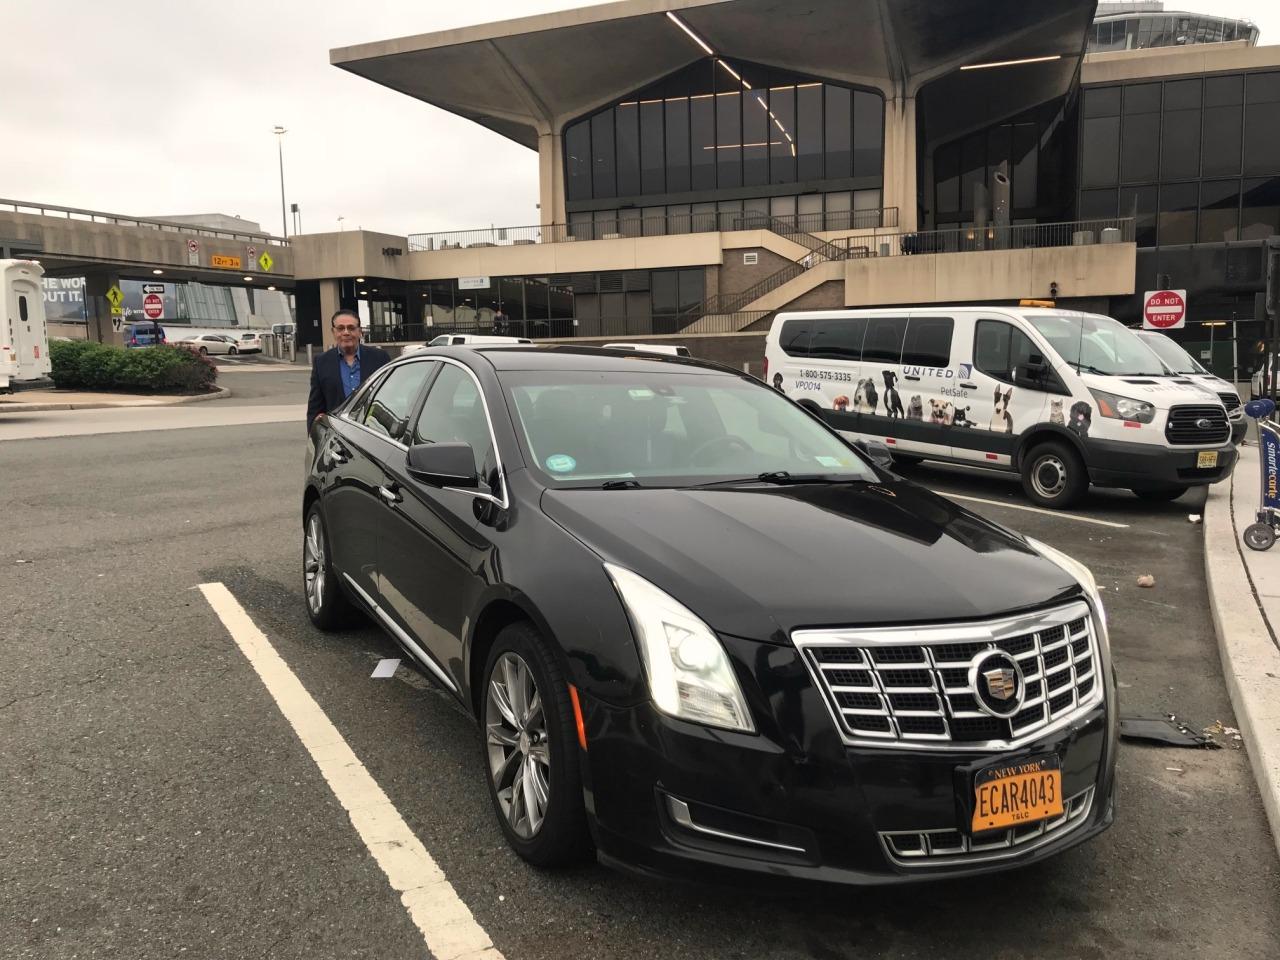 Aeroporto York : Transfer em nova york: carro particular do aeroporto para a cidade